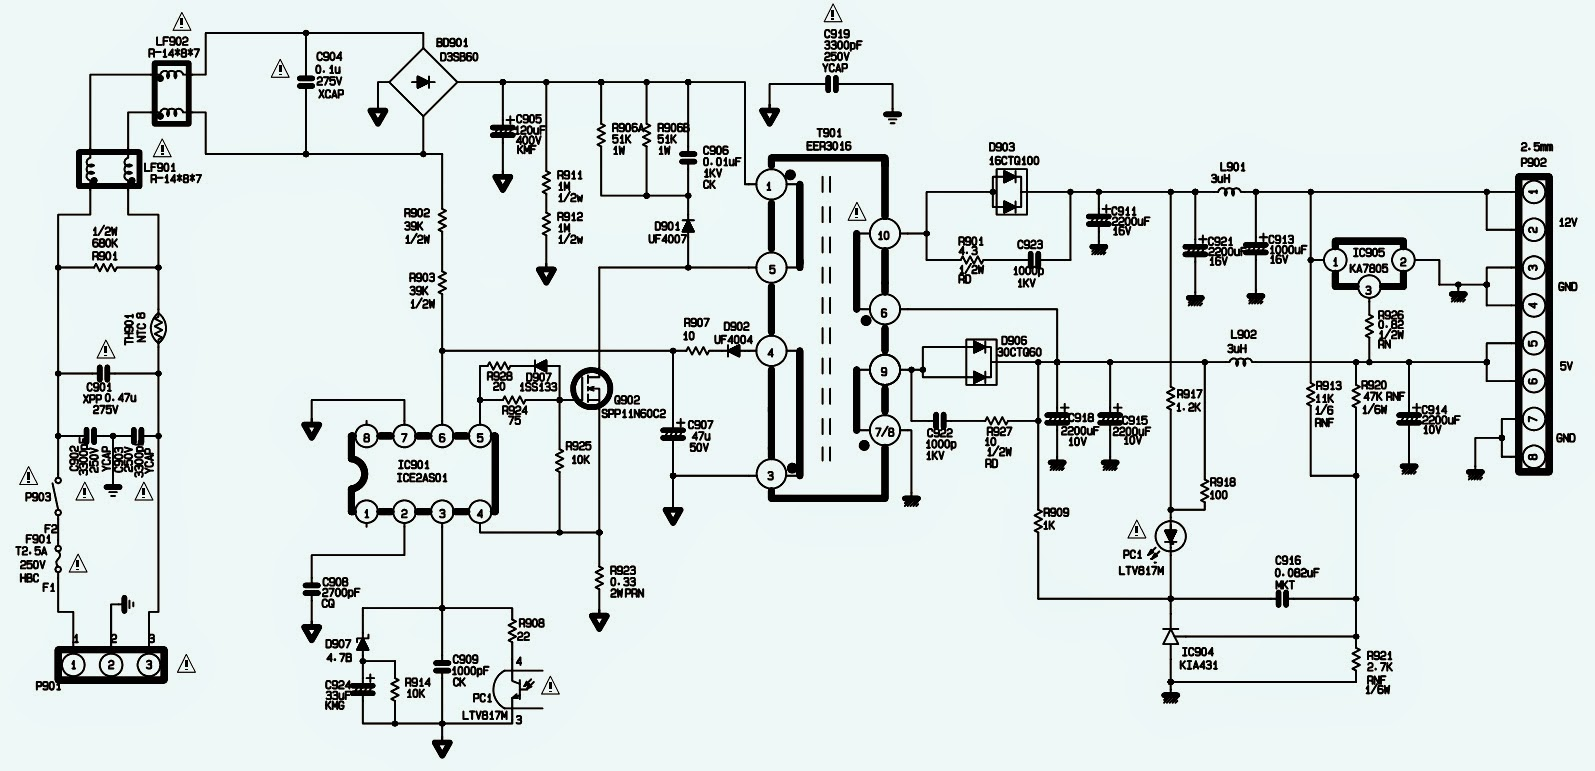 hight resolution of sanyo power supply wiring diagram wiring diagram todayslg tv power supply schematics data wiring diagram schema